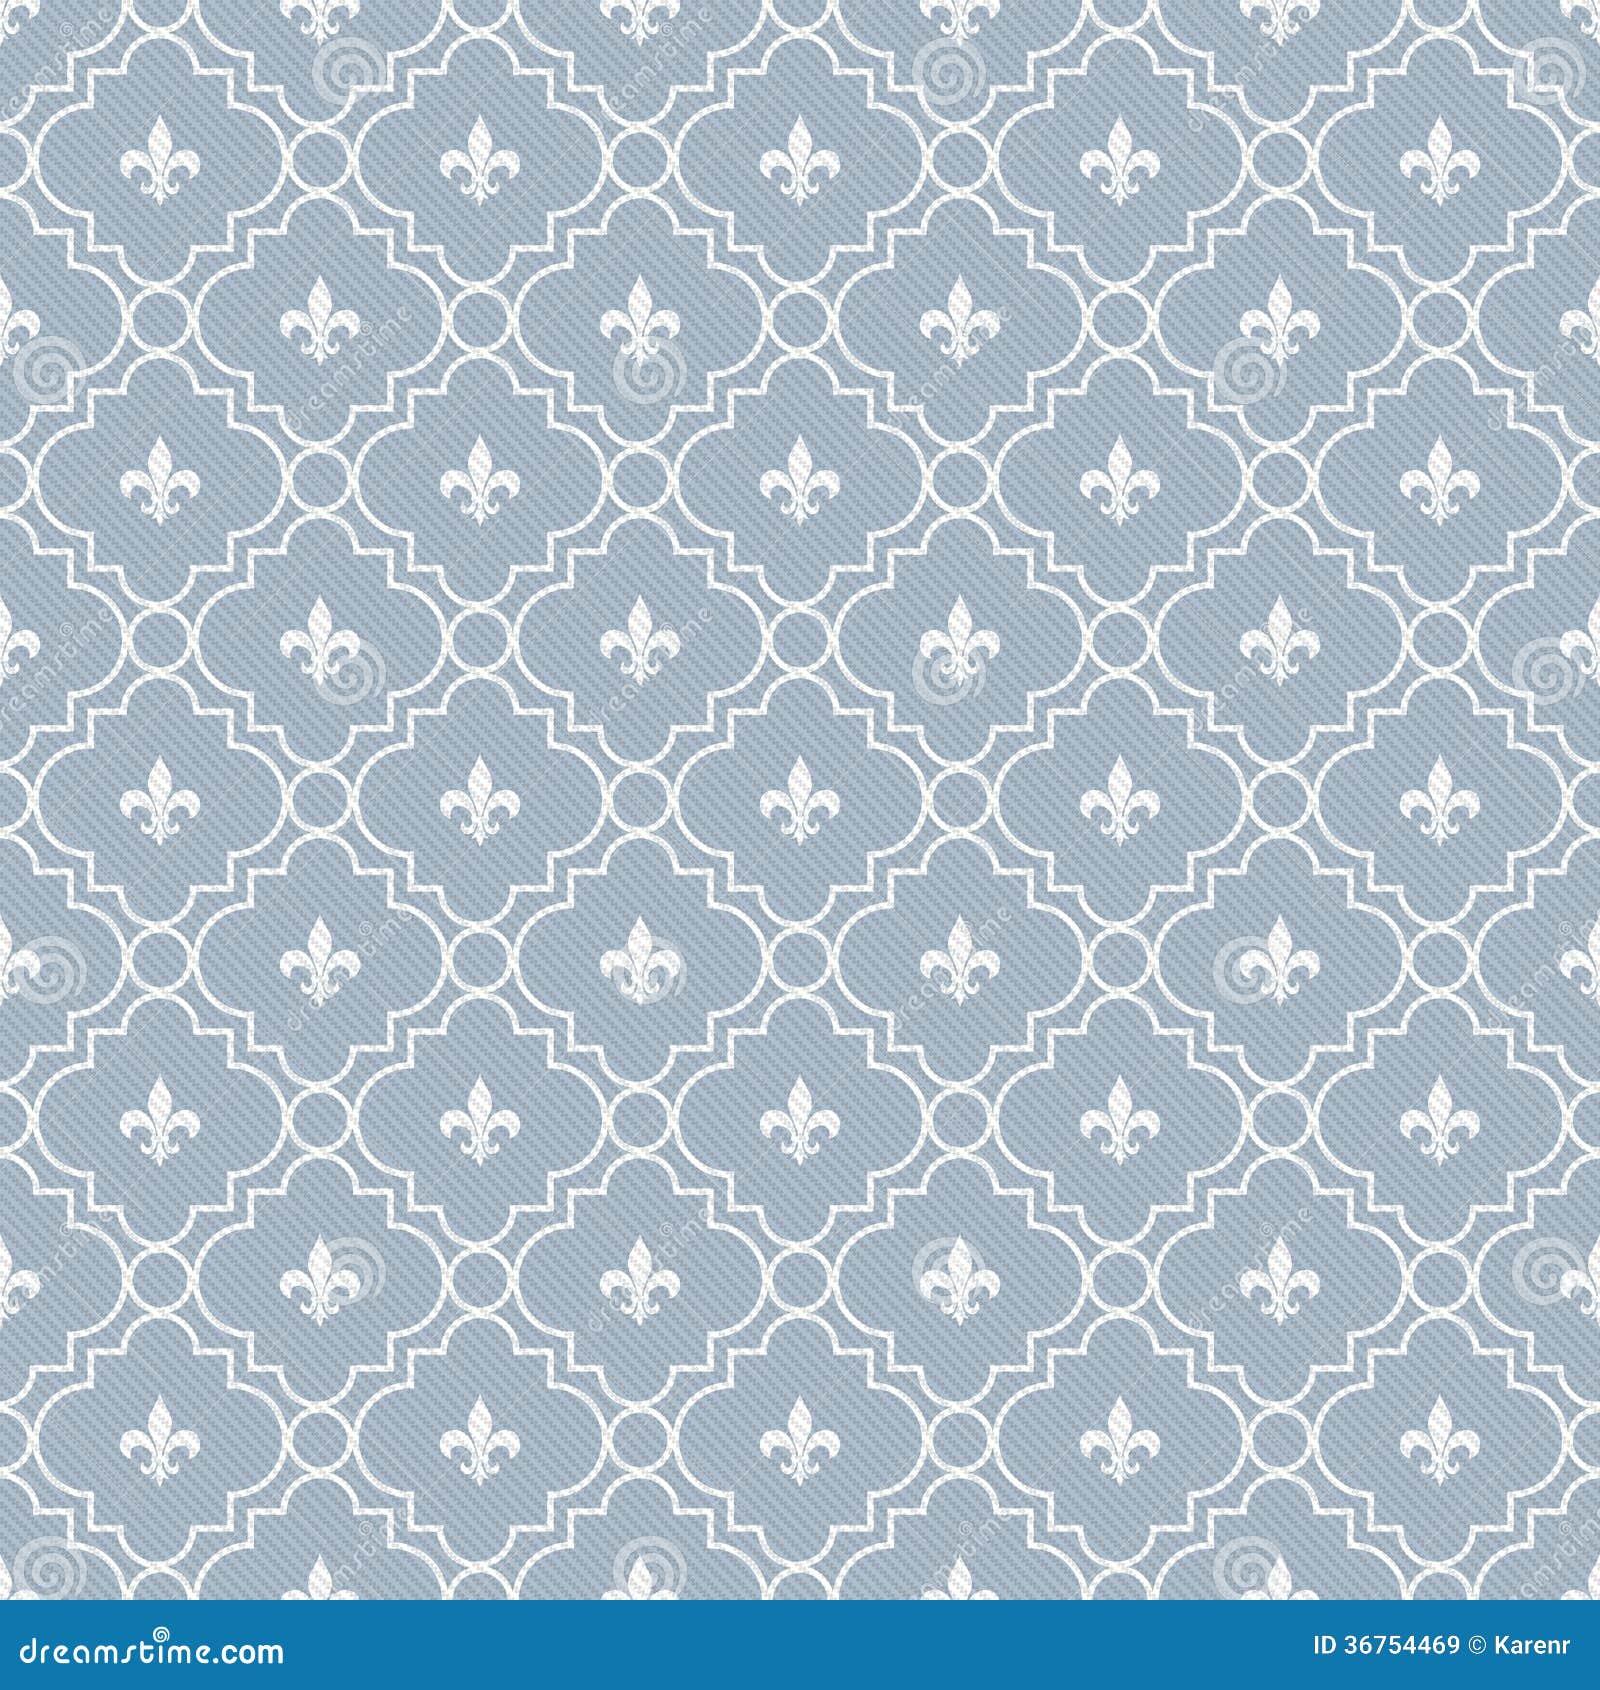 White And Pale Blue Fleur De Lis Pattern Textured Fabric